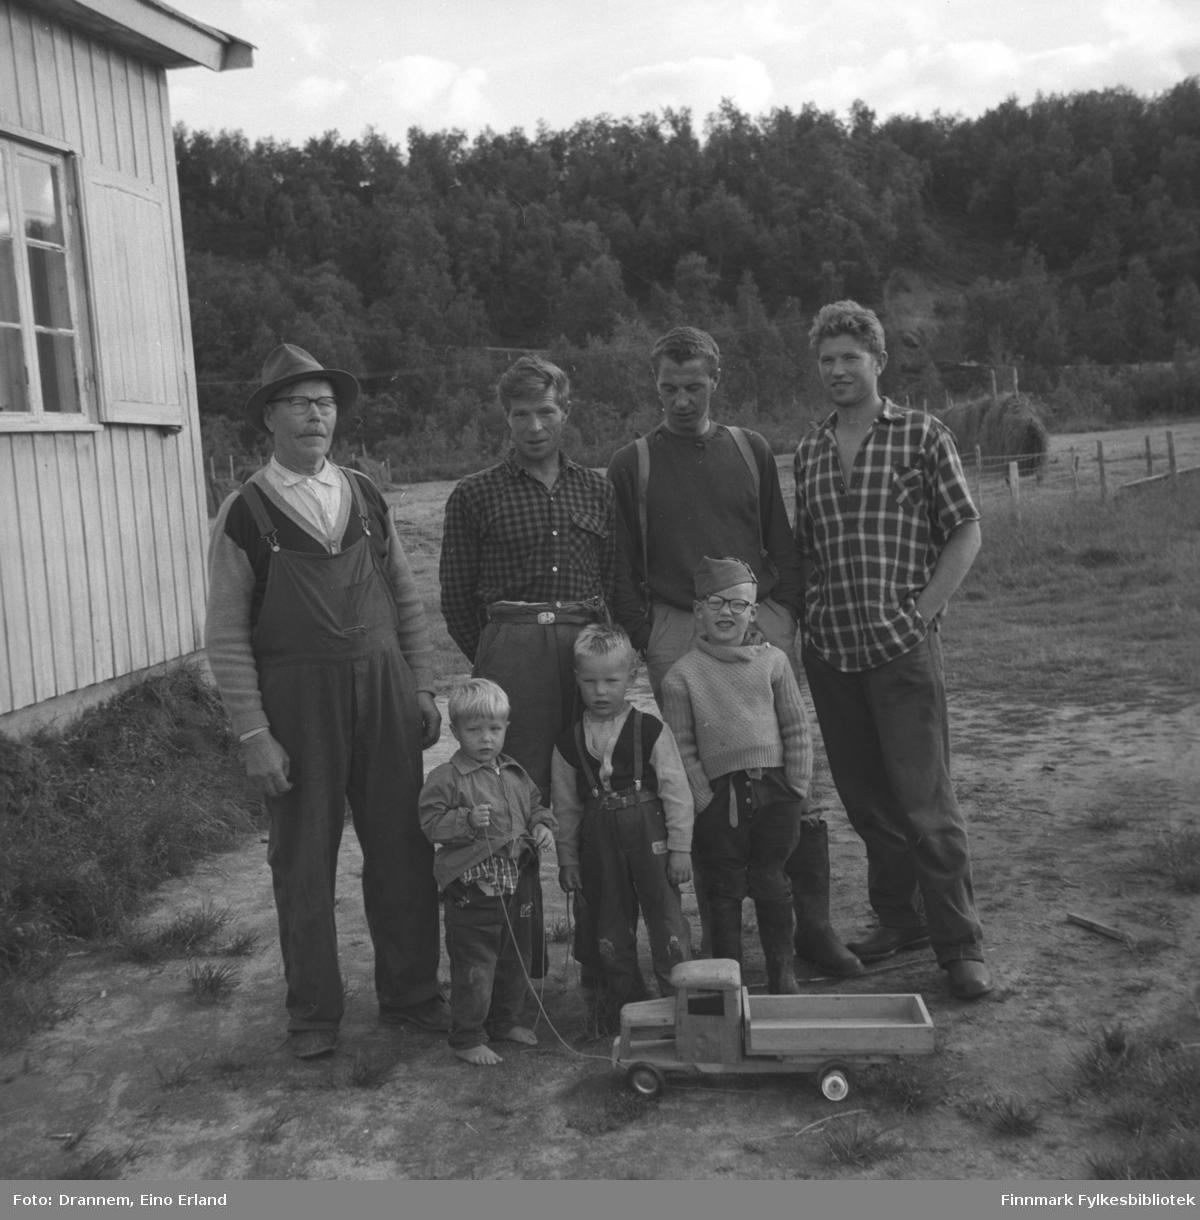 Fire menn og tre gutter fotografert på gårdsplassen ved langveggen til et hus. De er fra venstre, Alfred Karikoski, Aage Karikoski, Jacob Karikoski, og Oskar Karikoski. Navnet på guttene foran er ukjent.